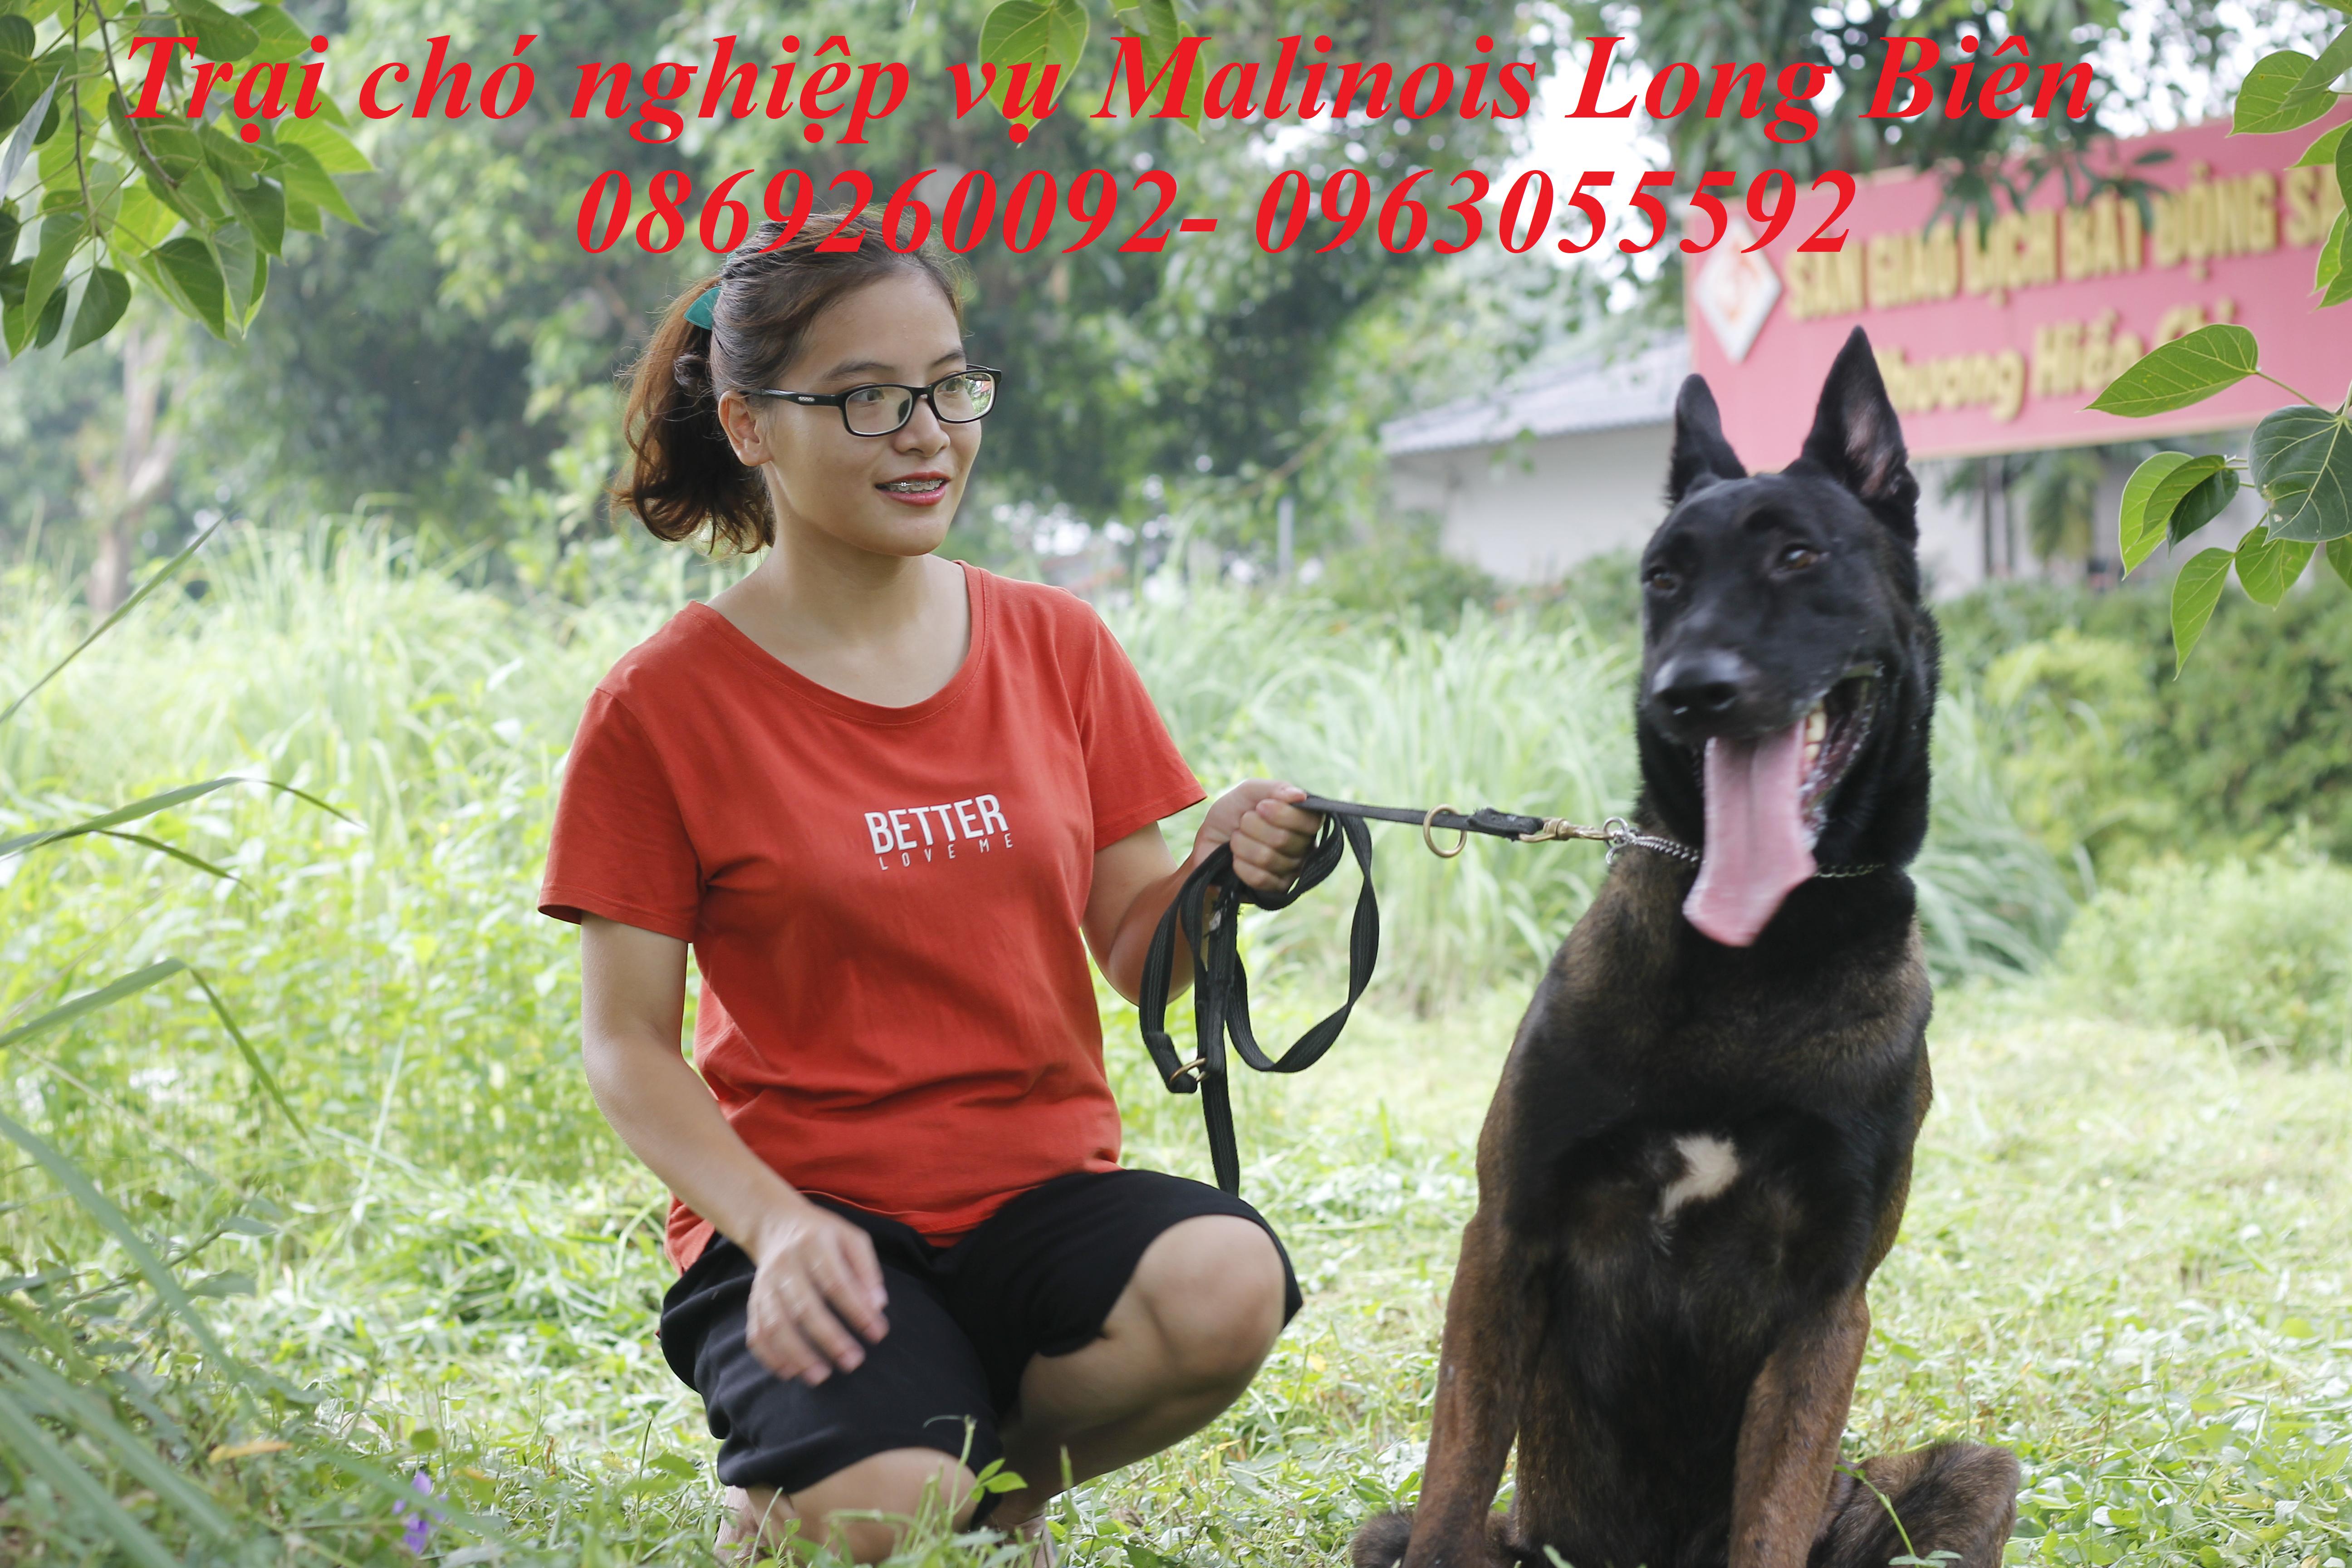 Chó Malinois trưởng thành tại trại chó Malinois Long biên